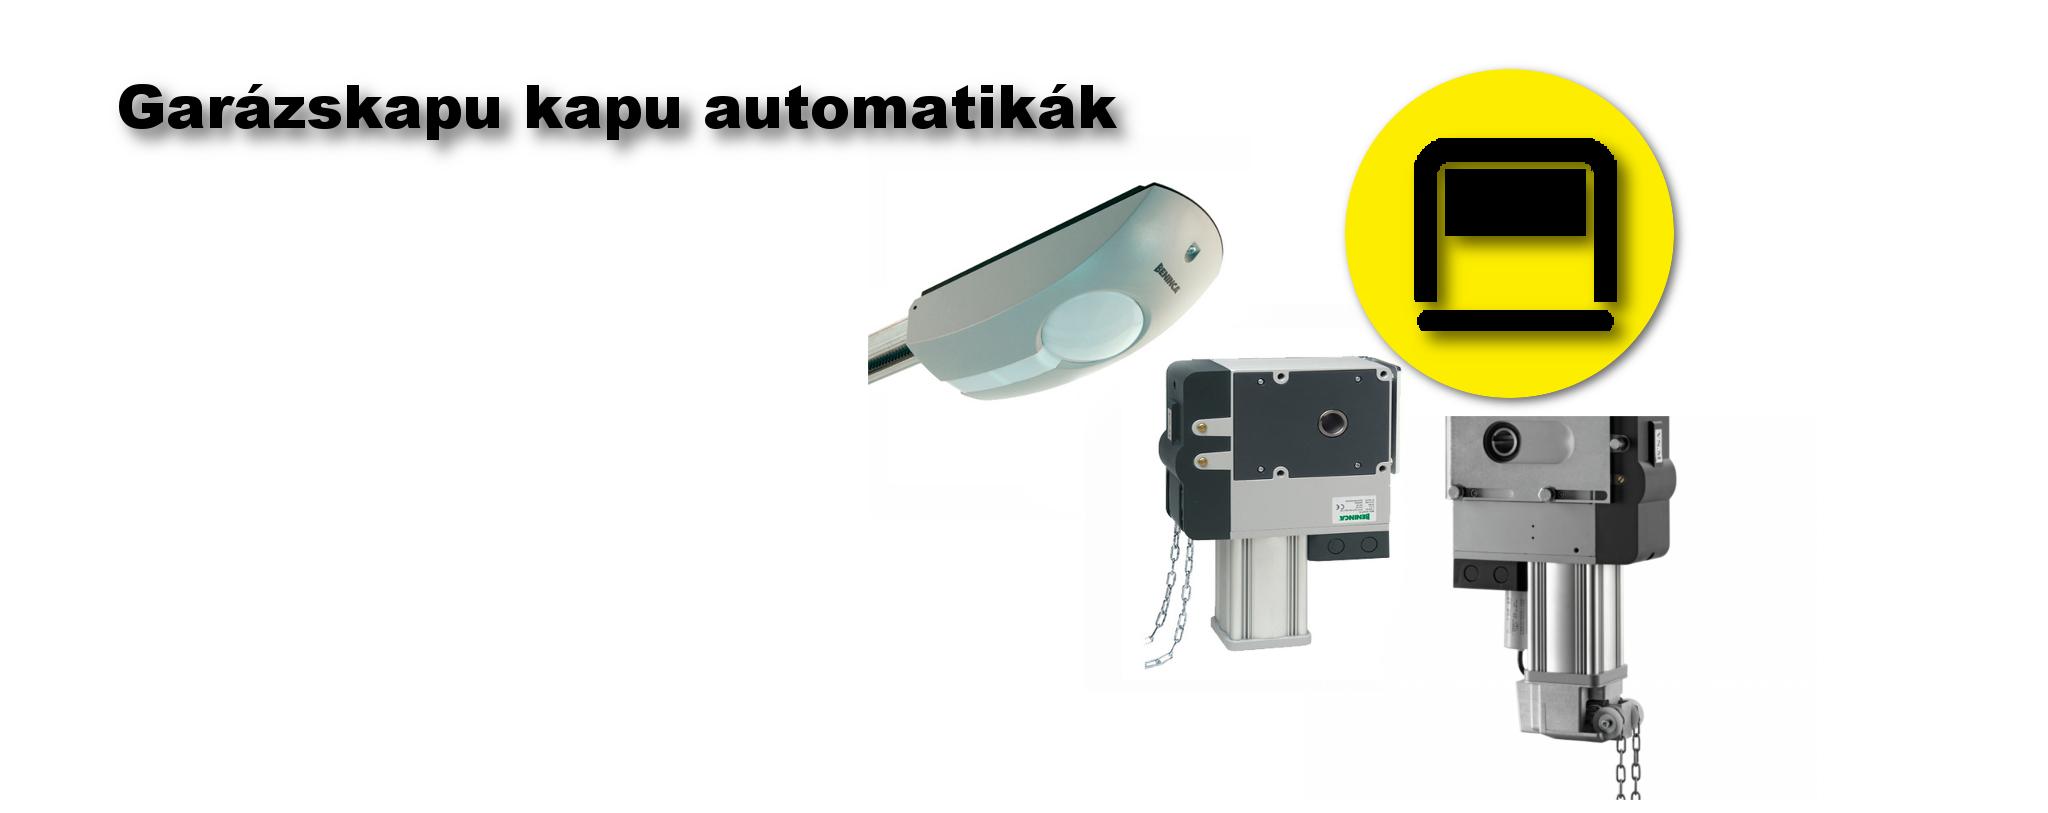 Beninca-garazskapu-automatika